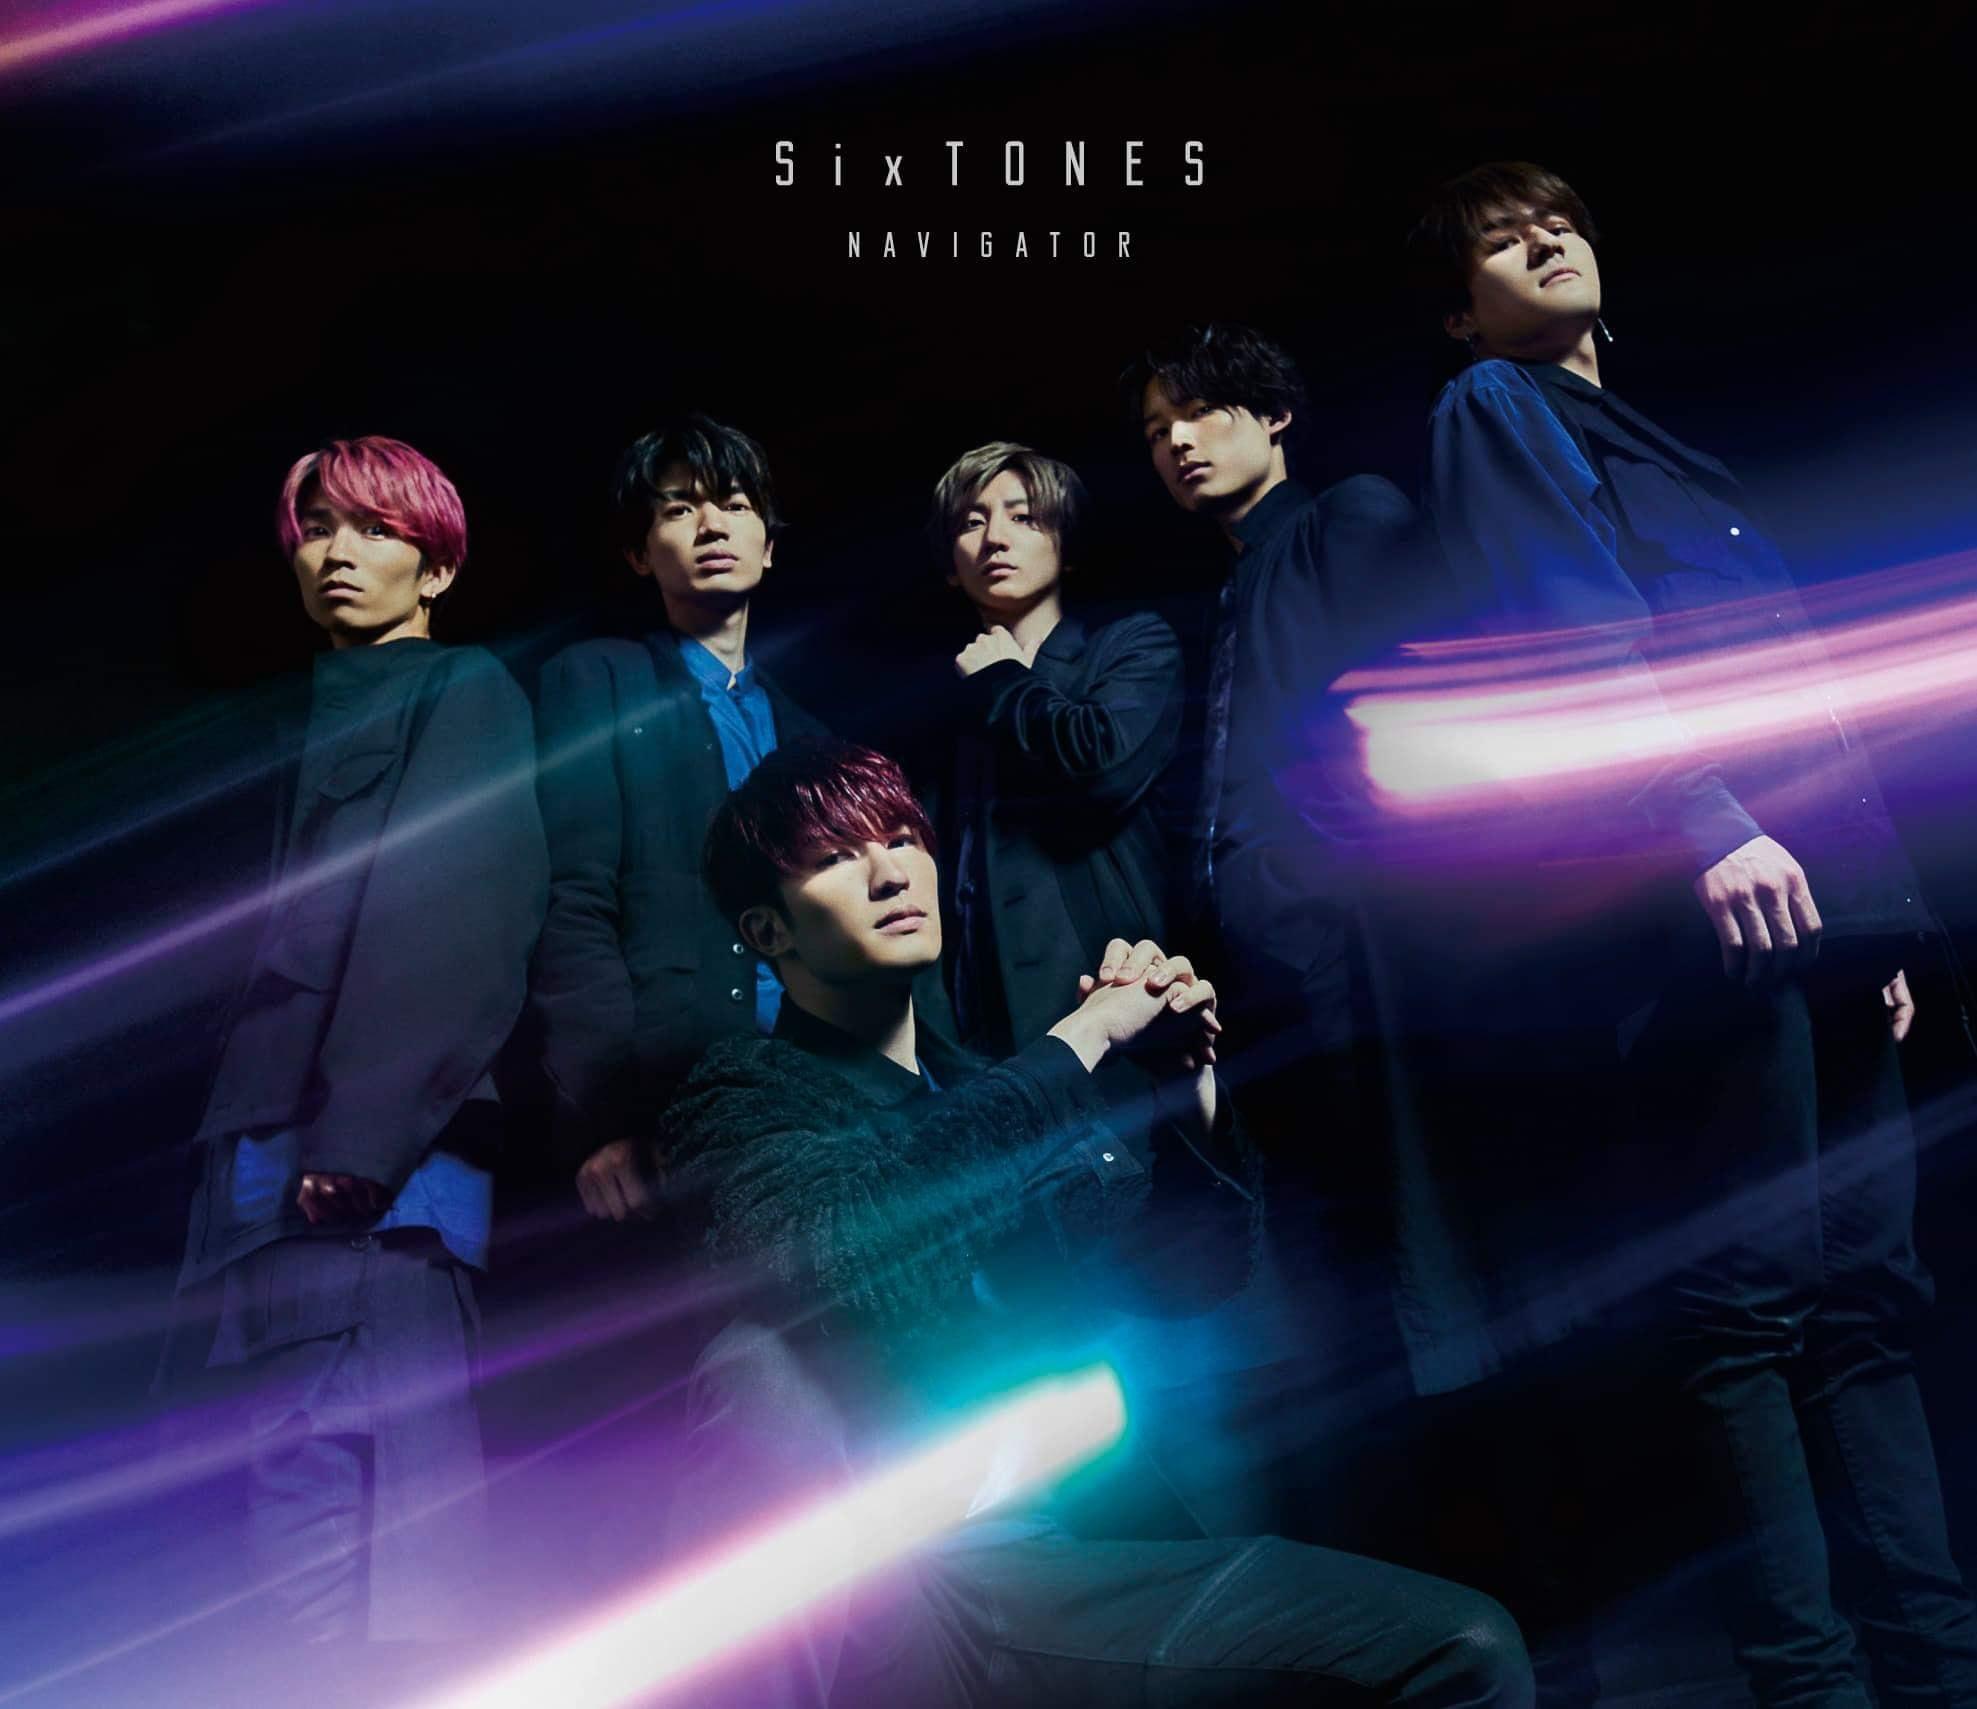 ジャポニカ スタイル sixtones 【SixTONES/JAPONICA STYLE】歌詞の意味を徹底解釈!日本独特の美「花魁」が描かれる!?